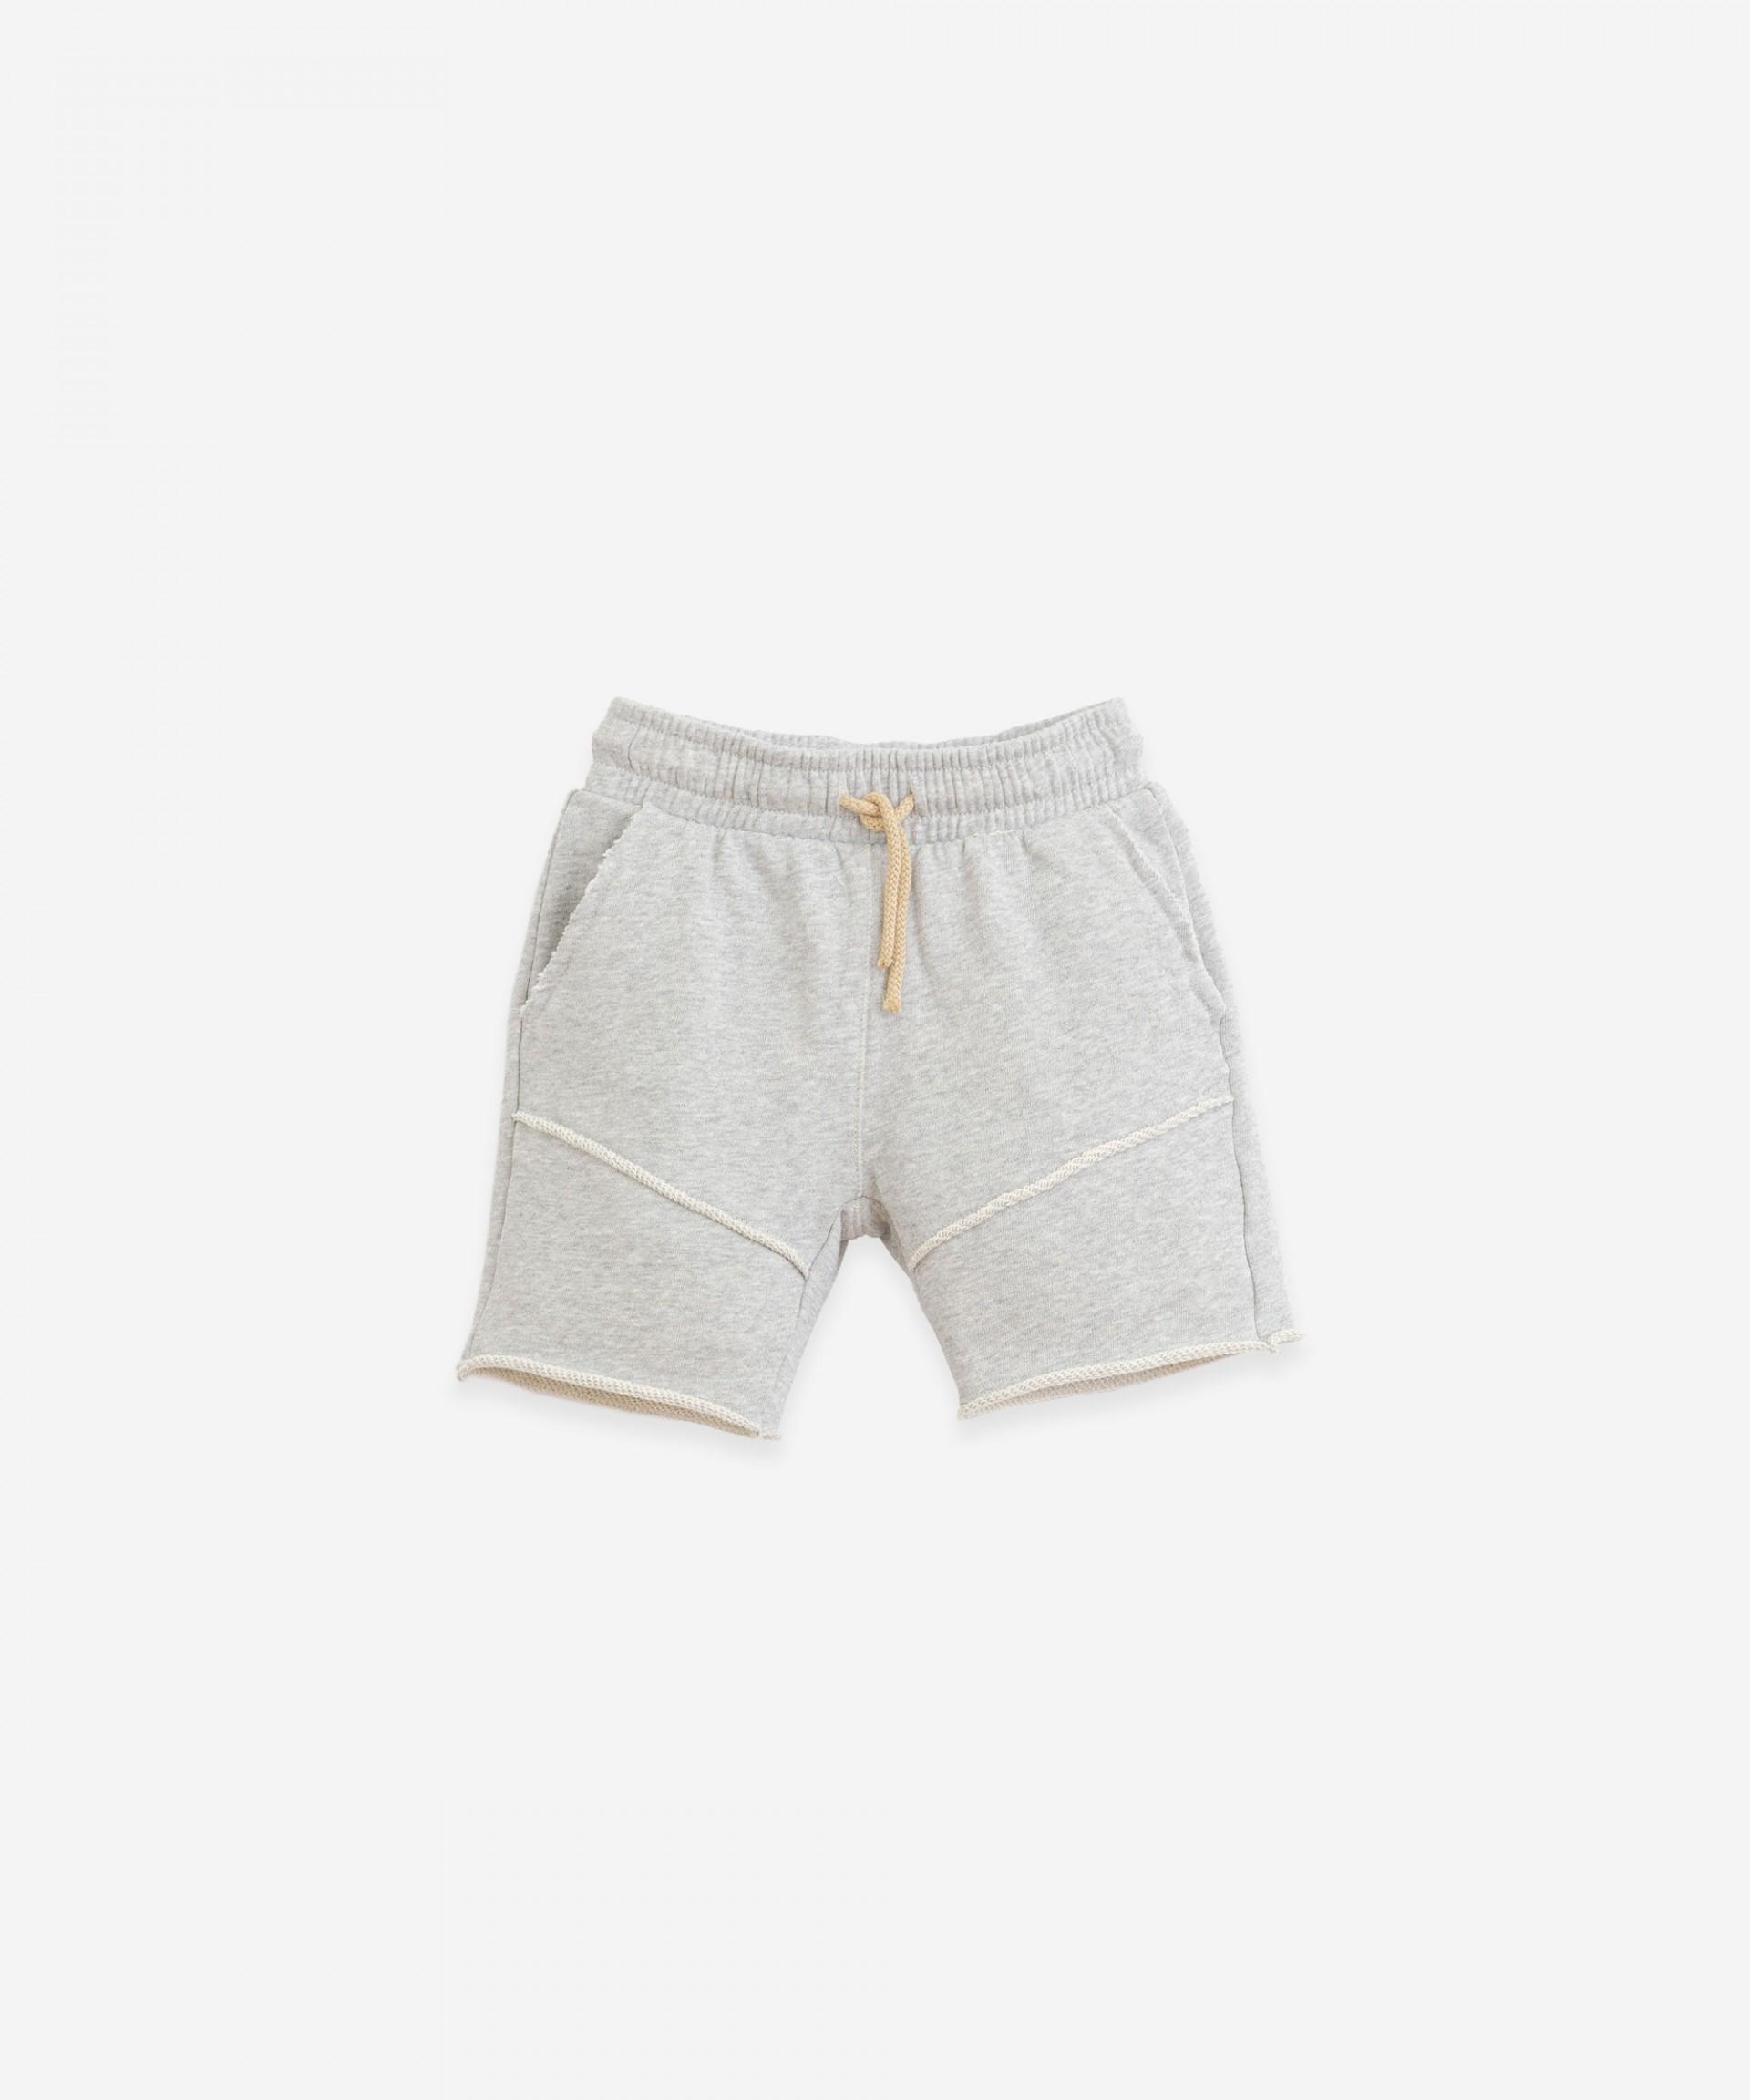 Pantalón corto con bolsillos | Botany